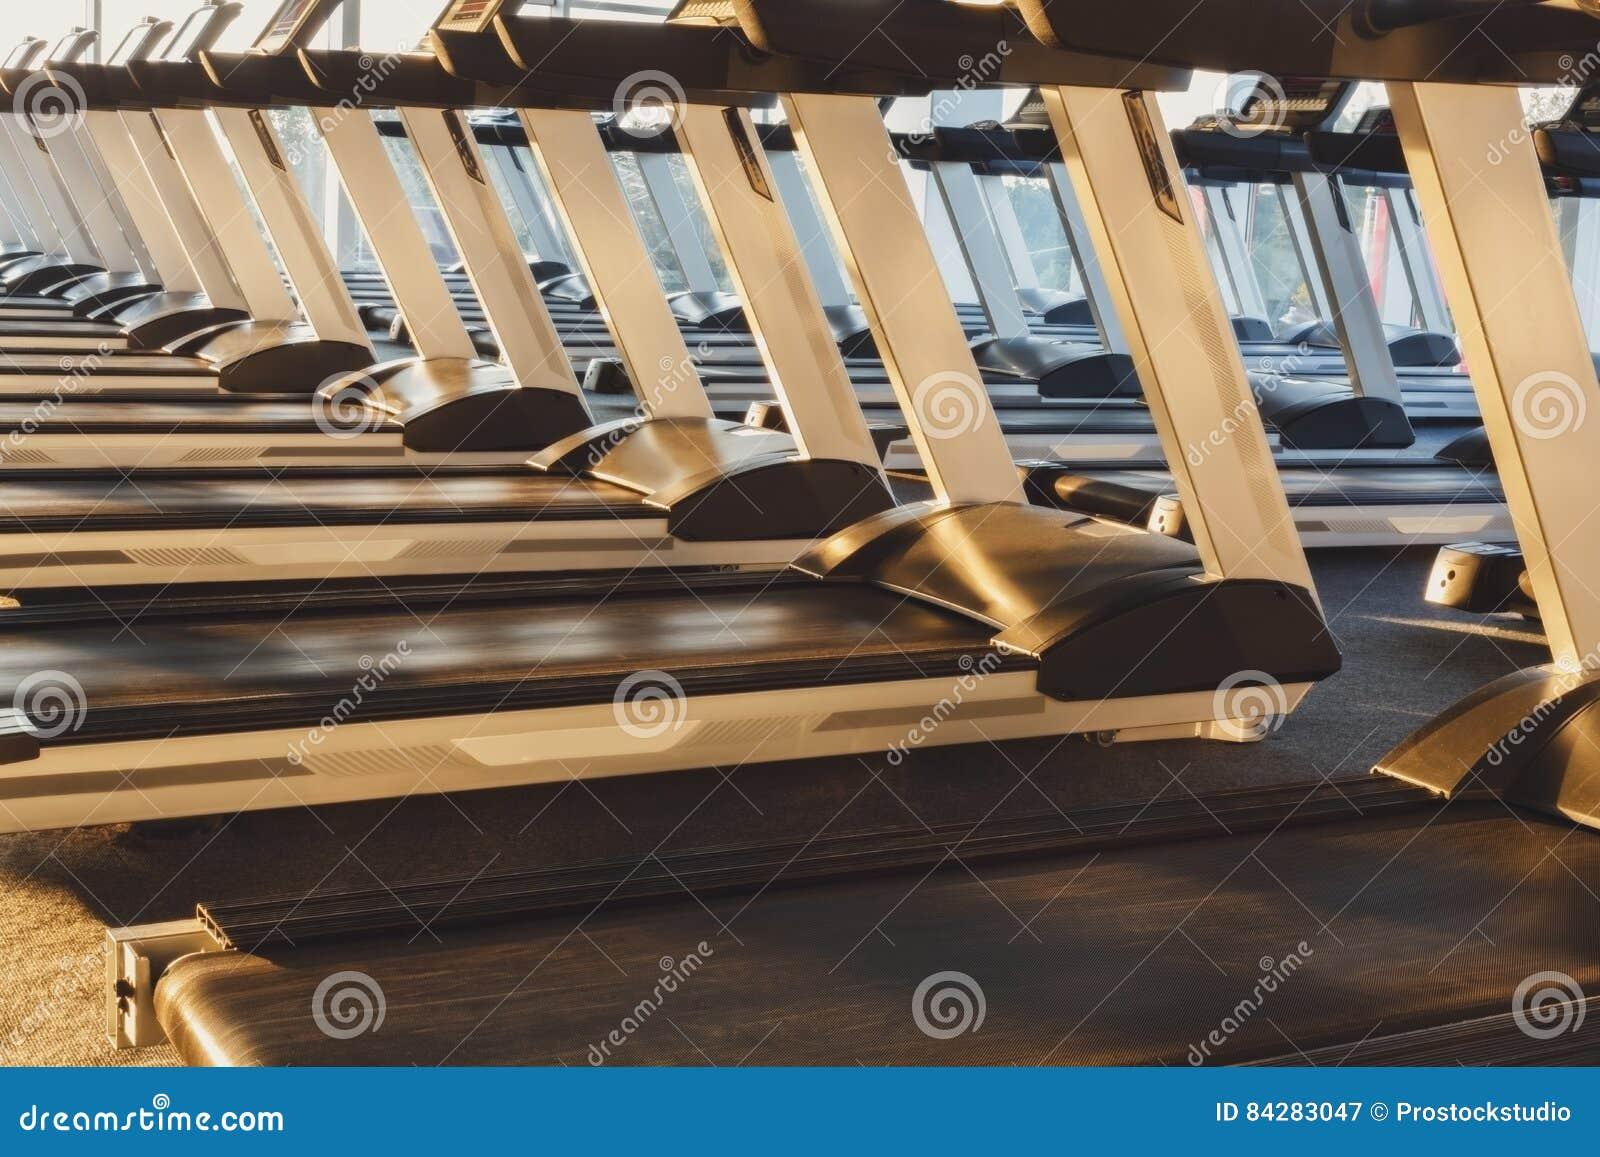 Perfect interno moderno della palestra con pedane mobili - Tavolo con pedane ...